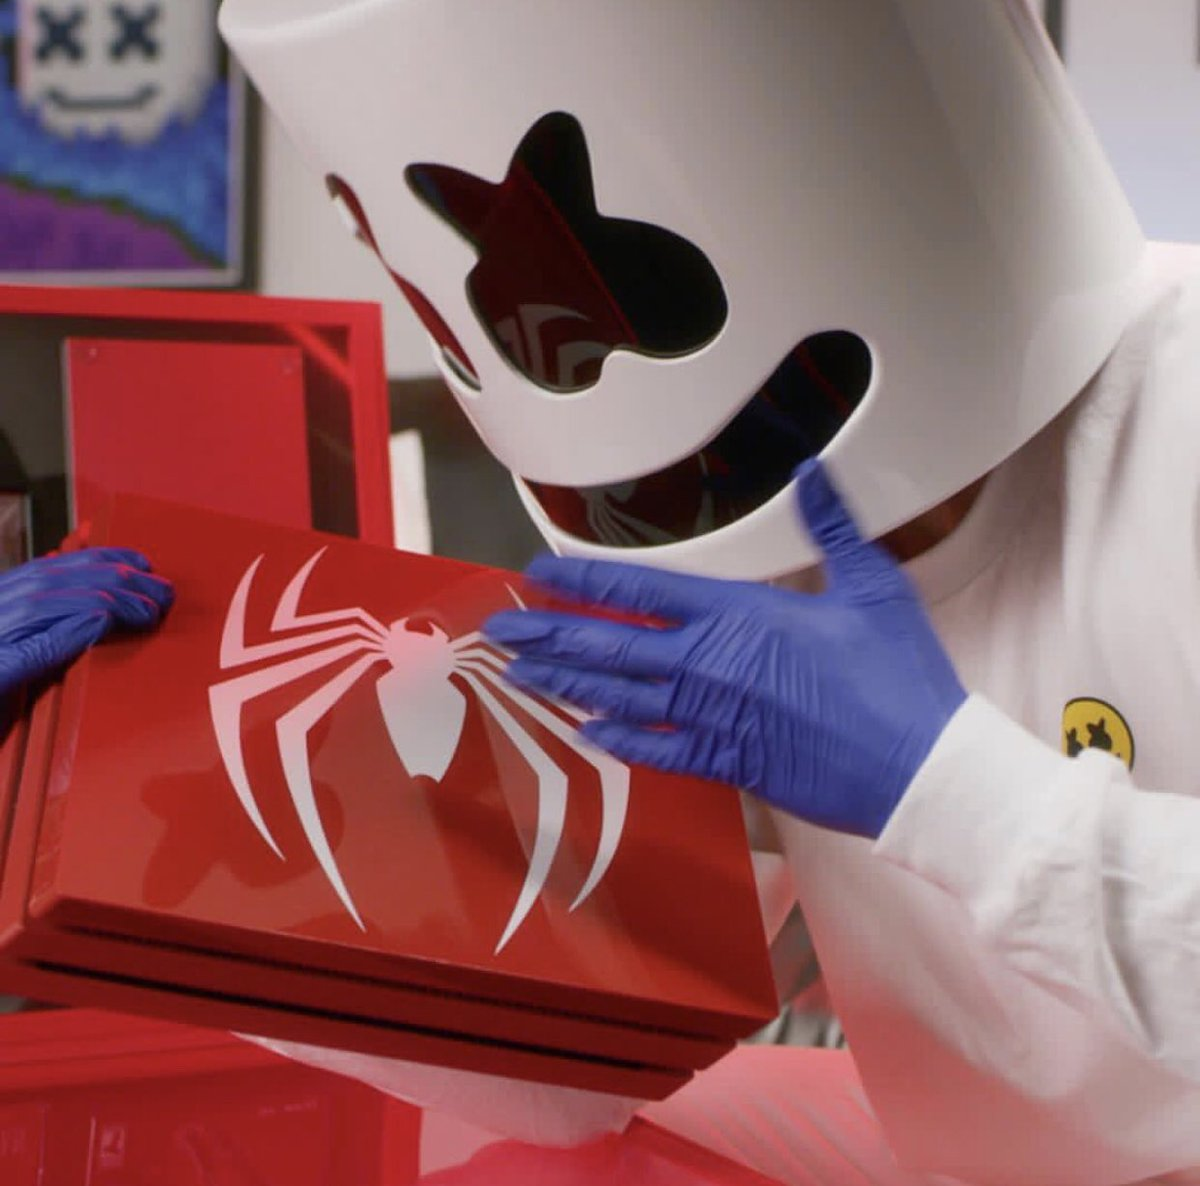 👉🏻 @marshmellomusic en kiffe sur le nouveau jeu Spiderman 🕷 ♥️ RT ce post si toi aussi tu veux remporter le jeu Spiderman 4 🎈🎈